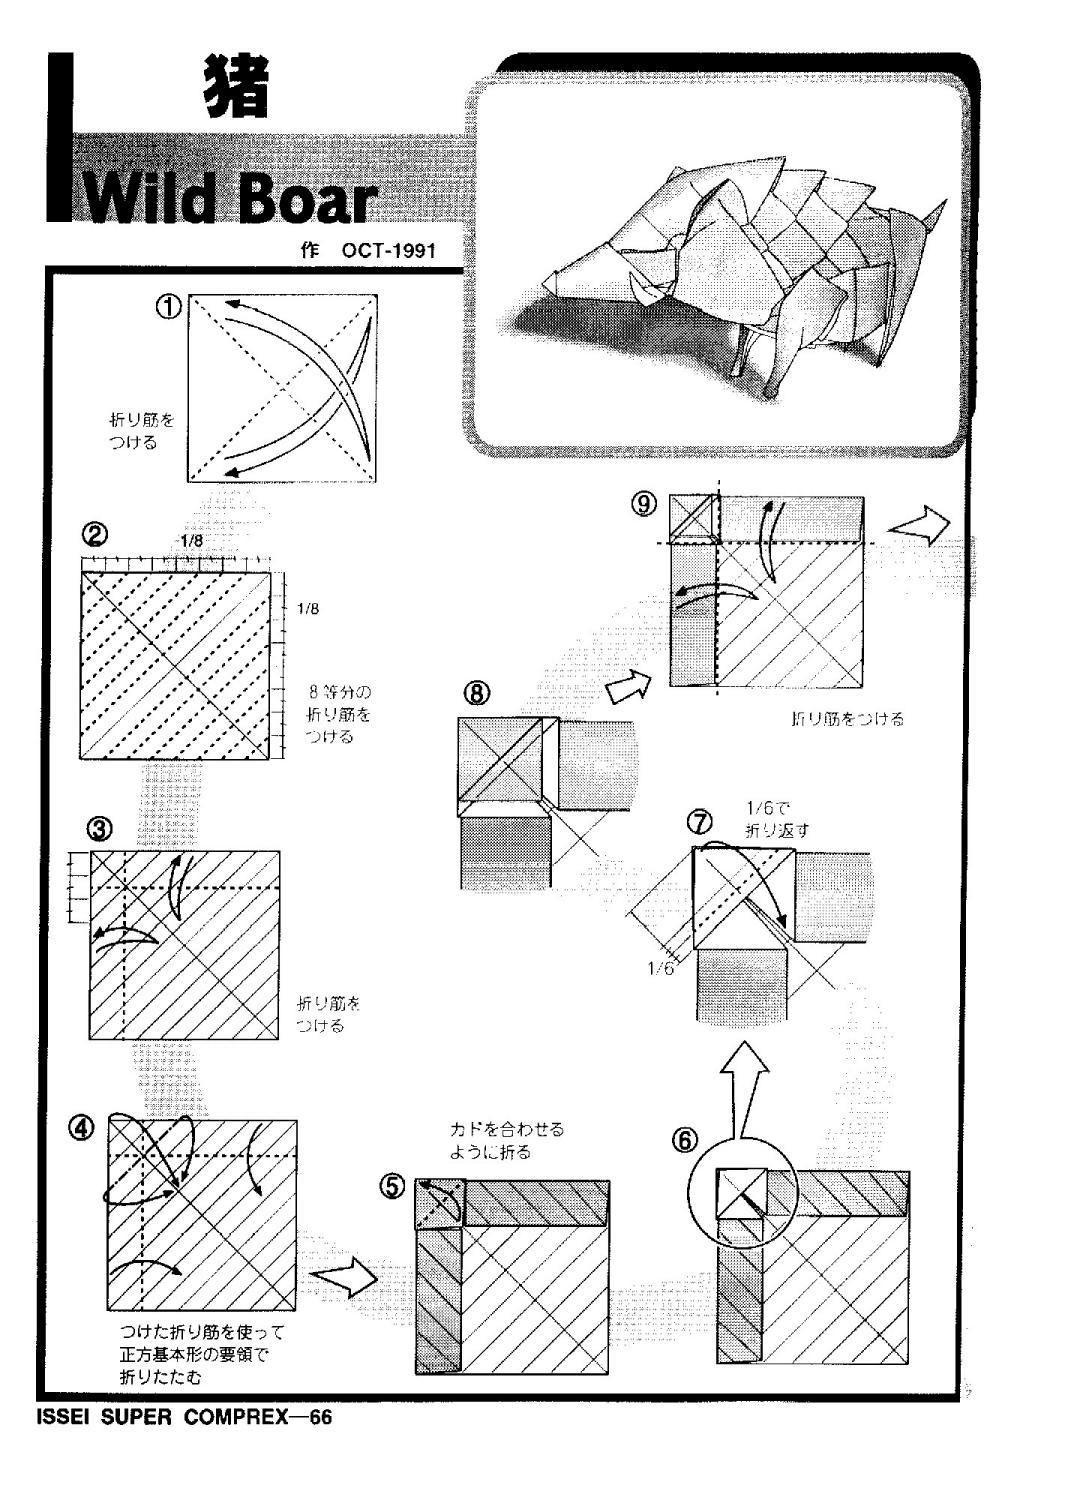 super complex yoshino issei